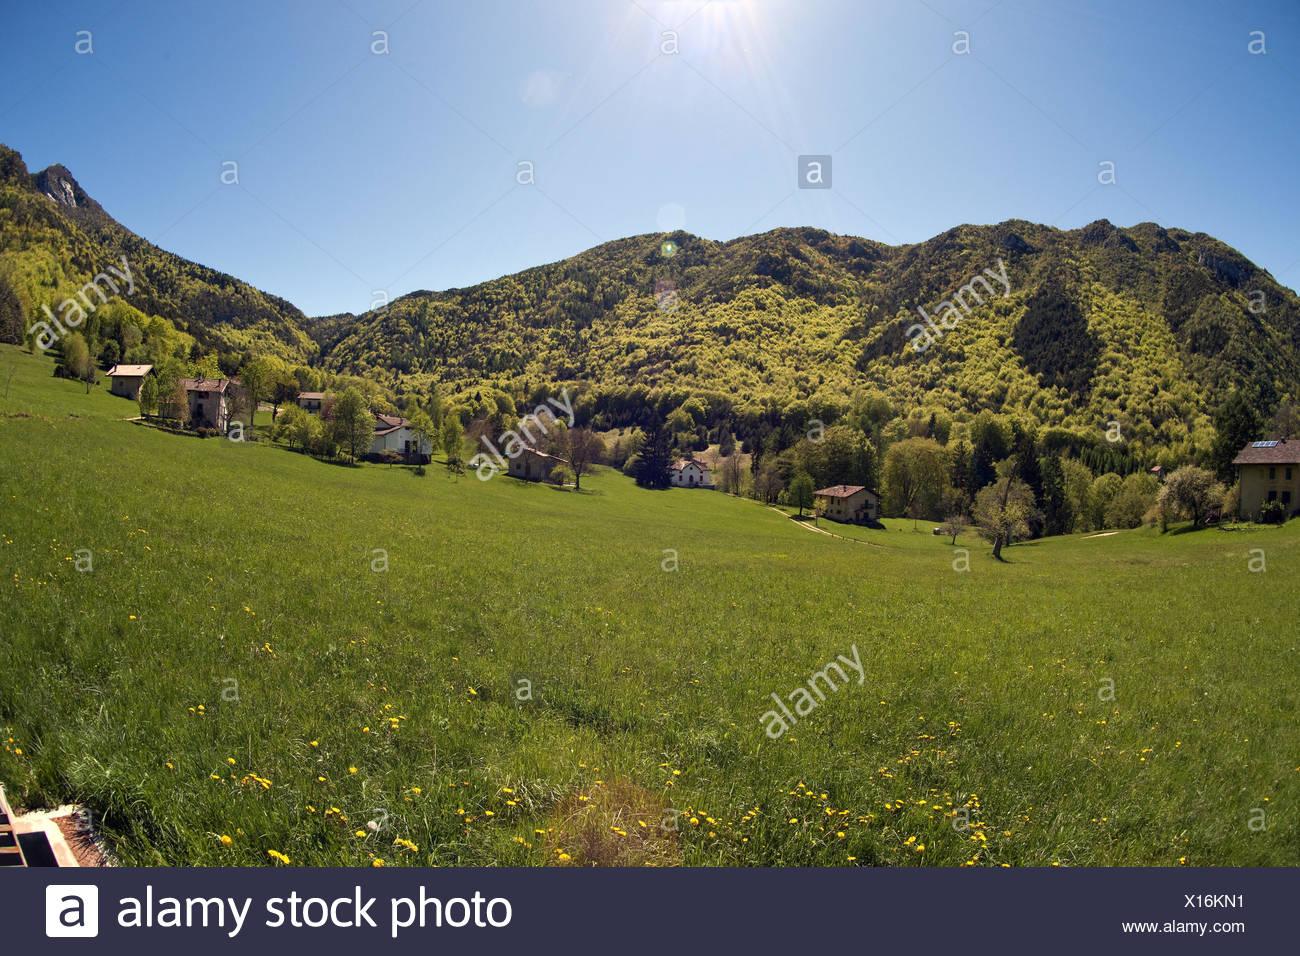 Italy, Trentino, St. Antonio, scenery, - Stock Image